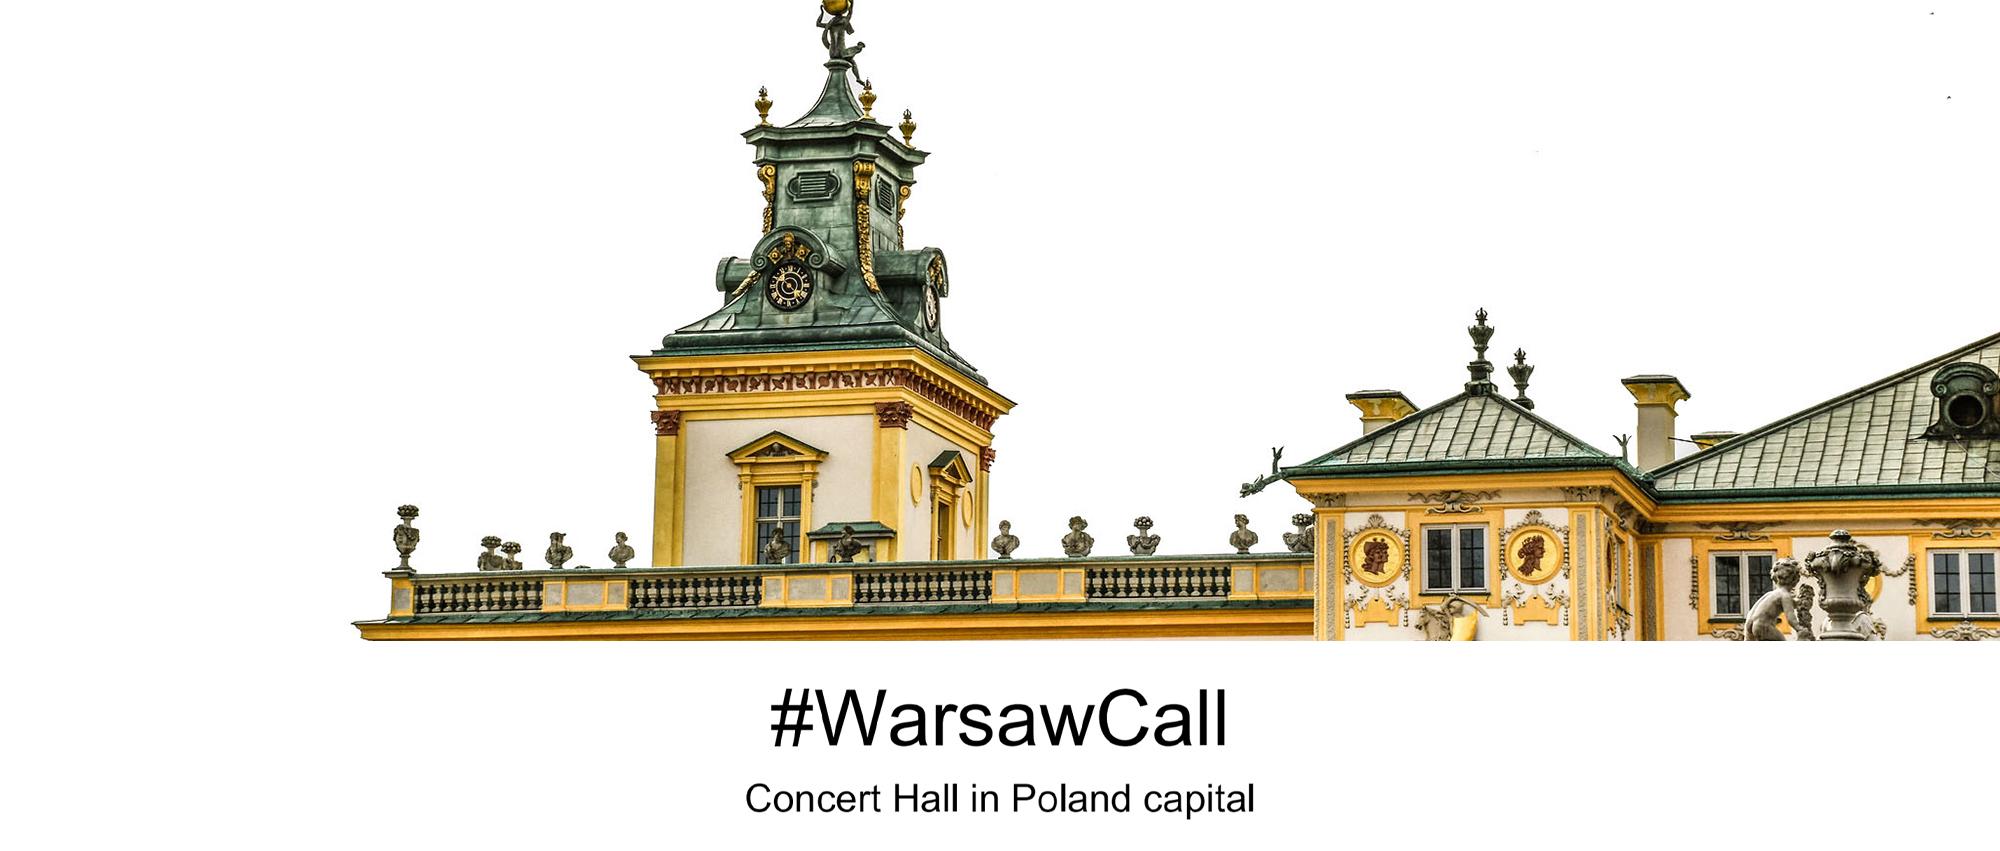 华沙新音乐厅设计竞赛